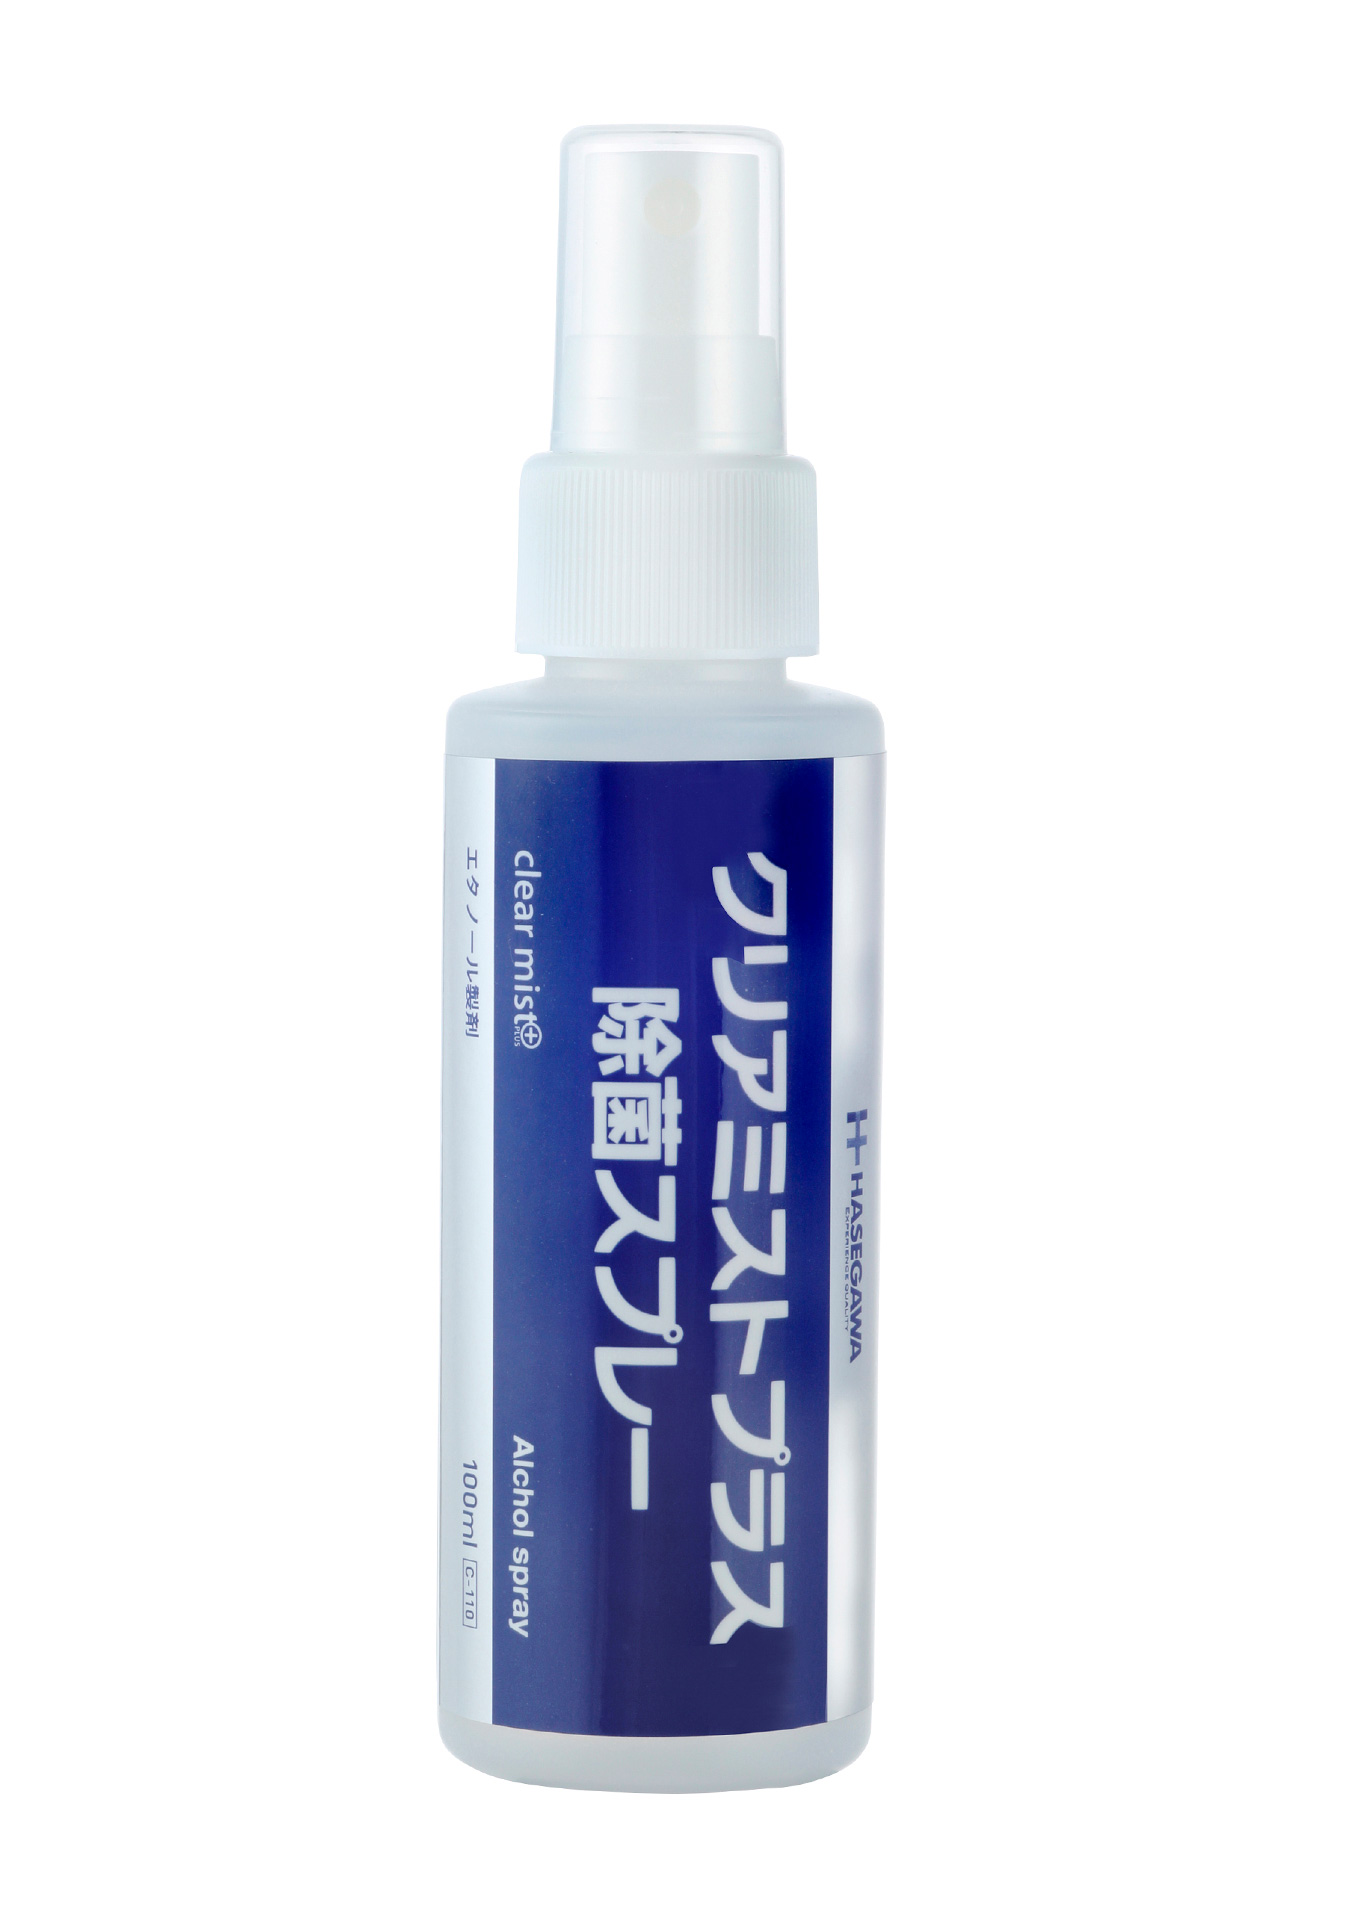 アルコール製剤(エタノール製剤) クリアミストプラス 除菌スプレー100ml